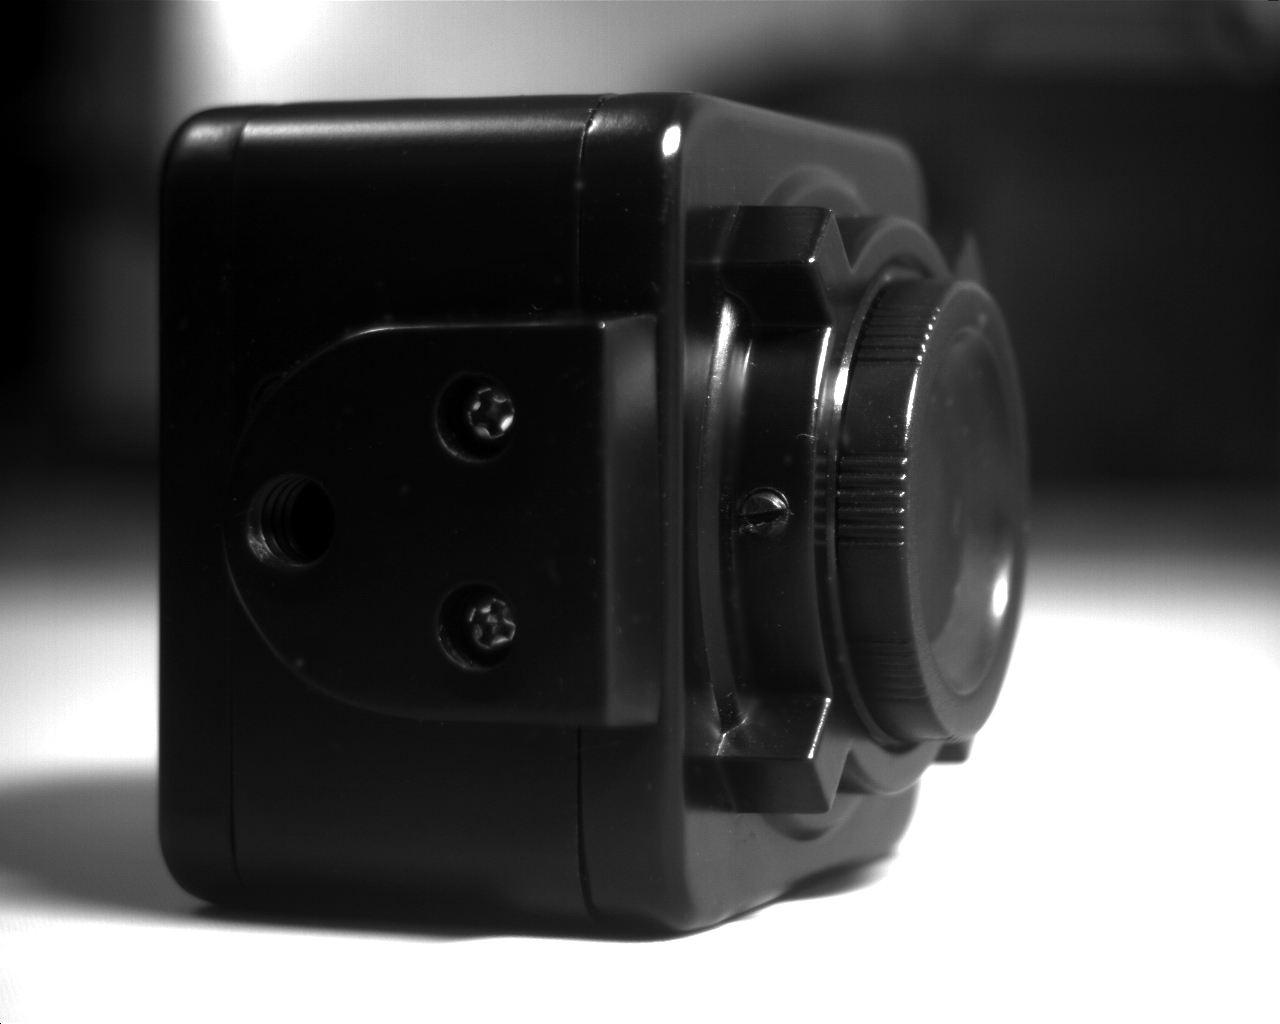 工业相机丢帧现象怎么解决?-机器视觉_视觉检测设备_3D视觉_缺陷检测